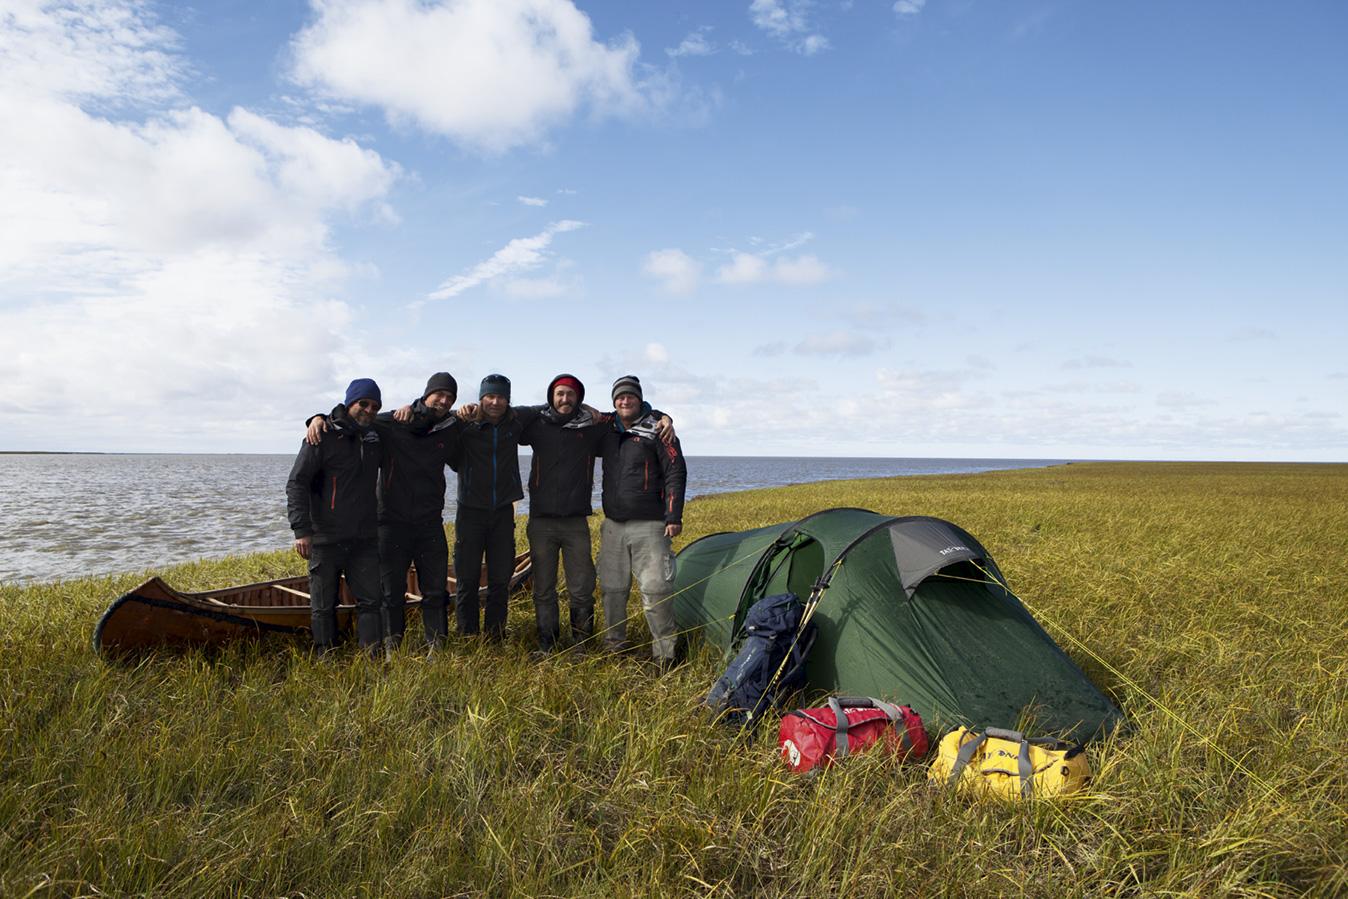 Gewinnspiel Be part of The Trekkin Crew - Reiche deine Geschichte ein und gewinne eine Reise zum Yukon-River nach Alaska!